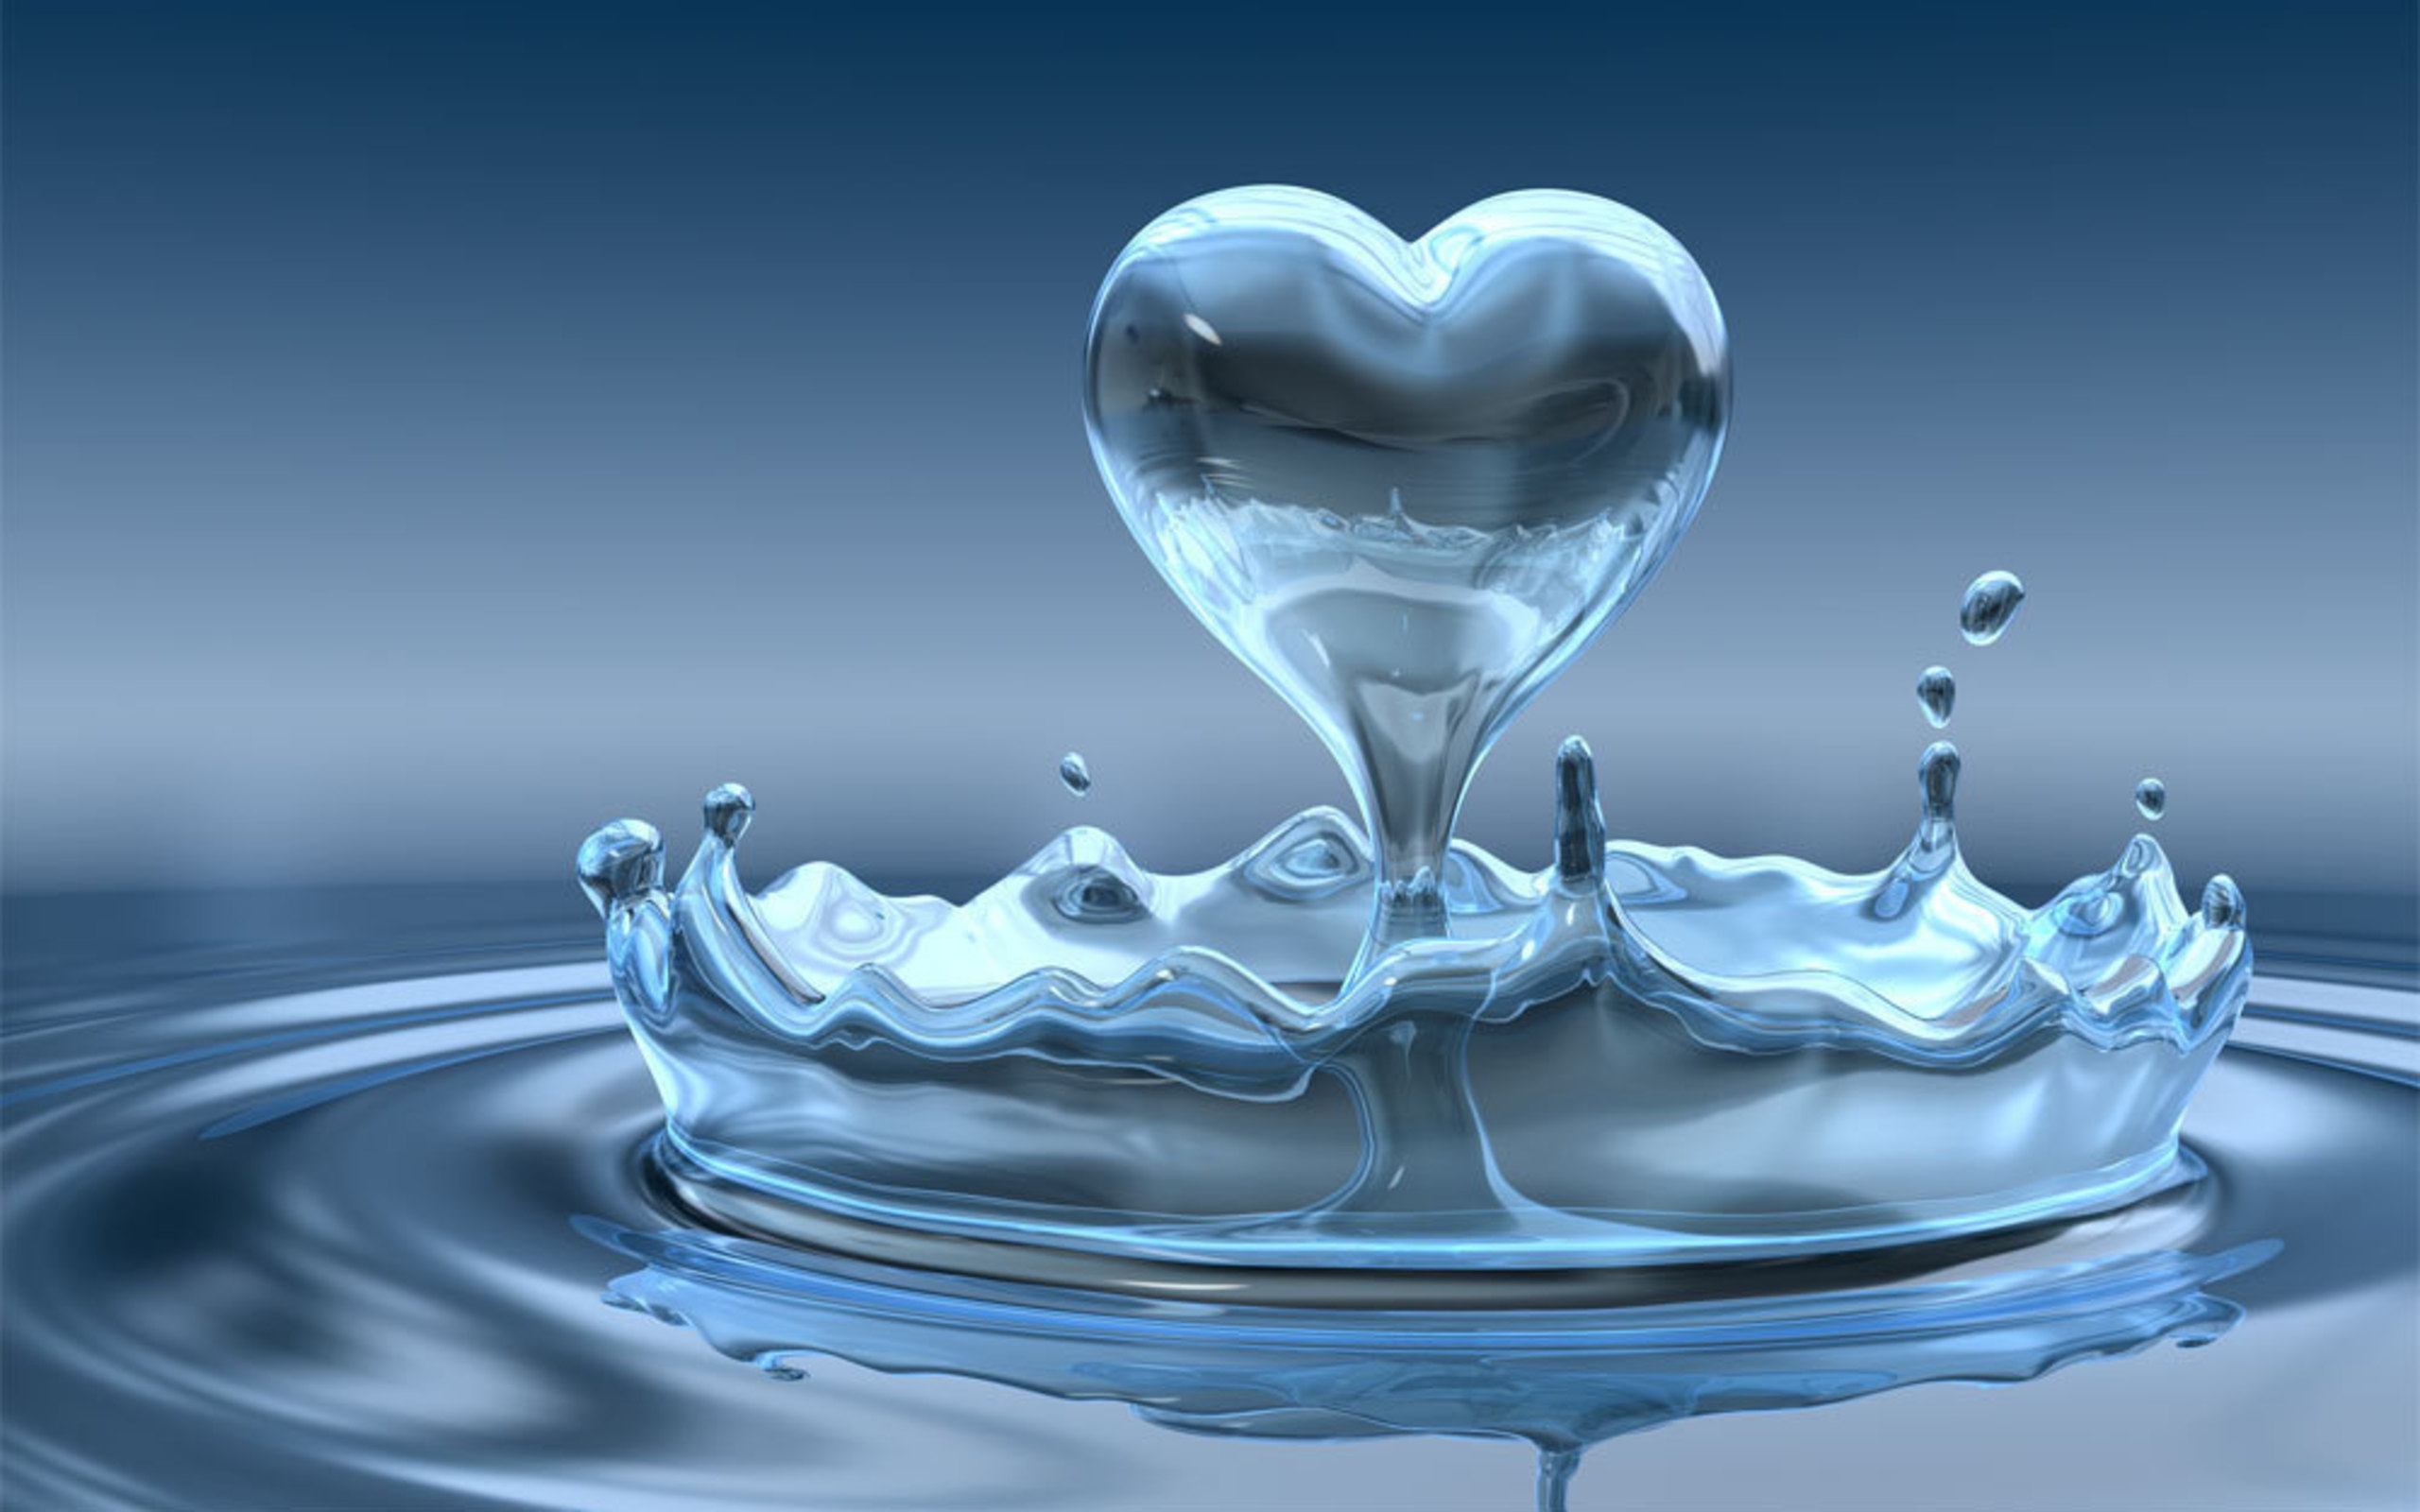 Вода - один из важнейших элементов для женщины, которая следит за собой. Красота и здоровье связаны, прочитайте важную информацию про использование воды!